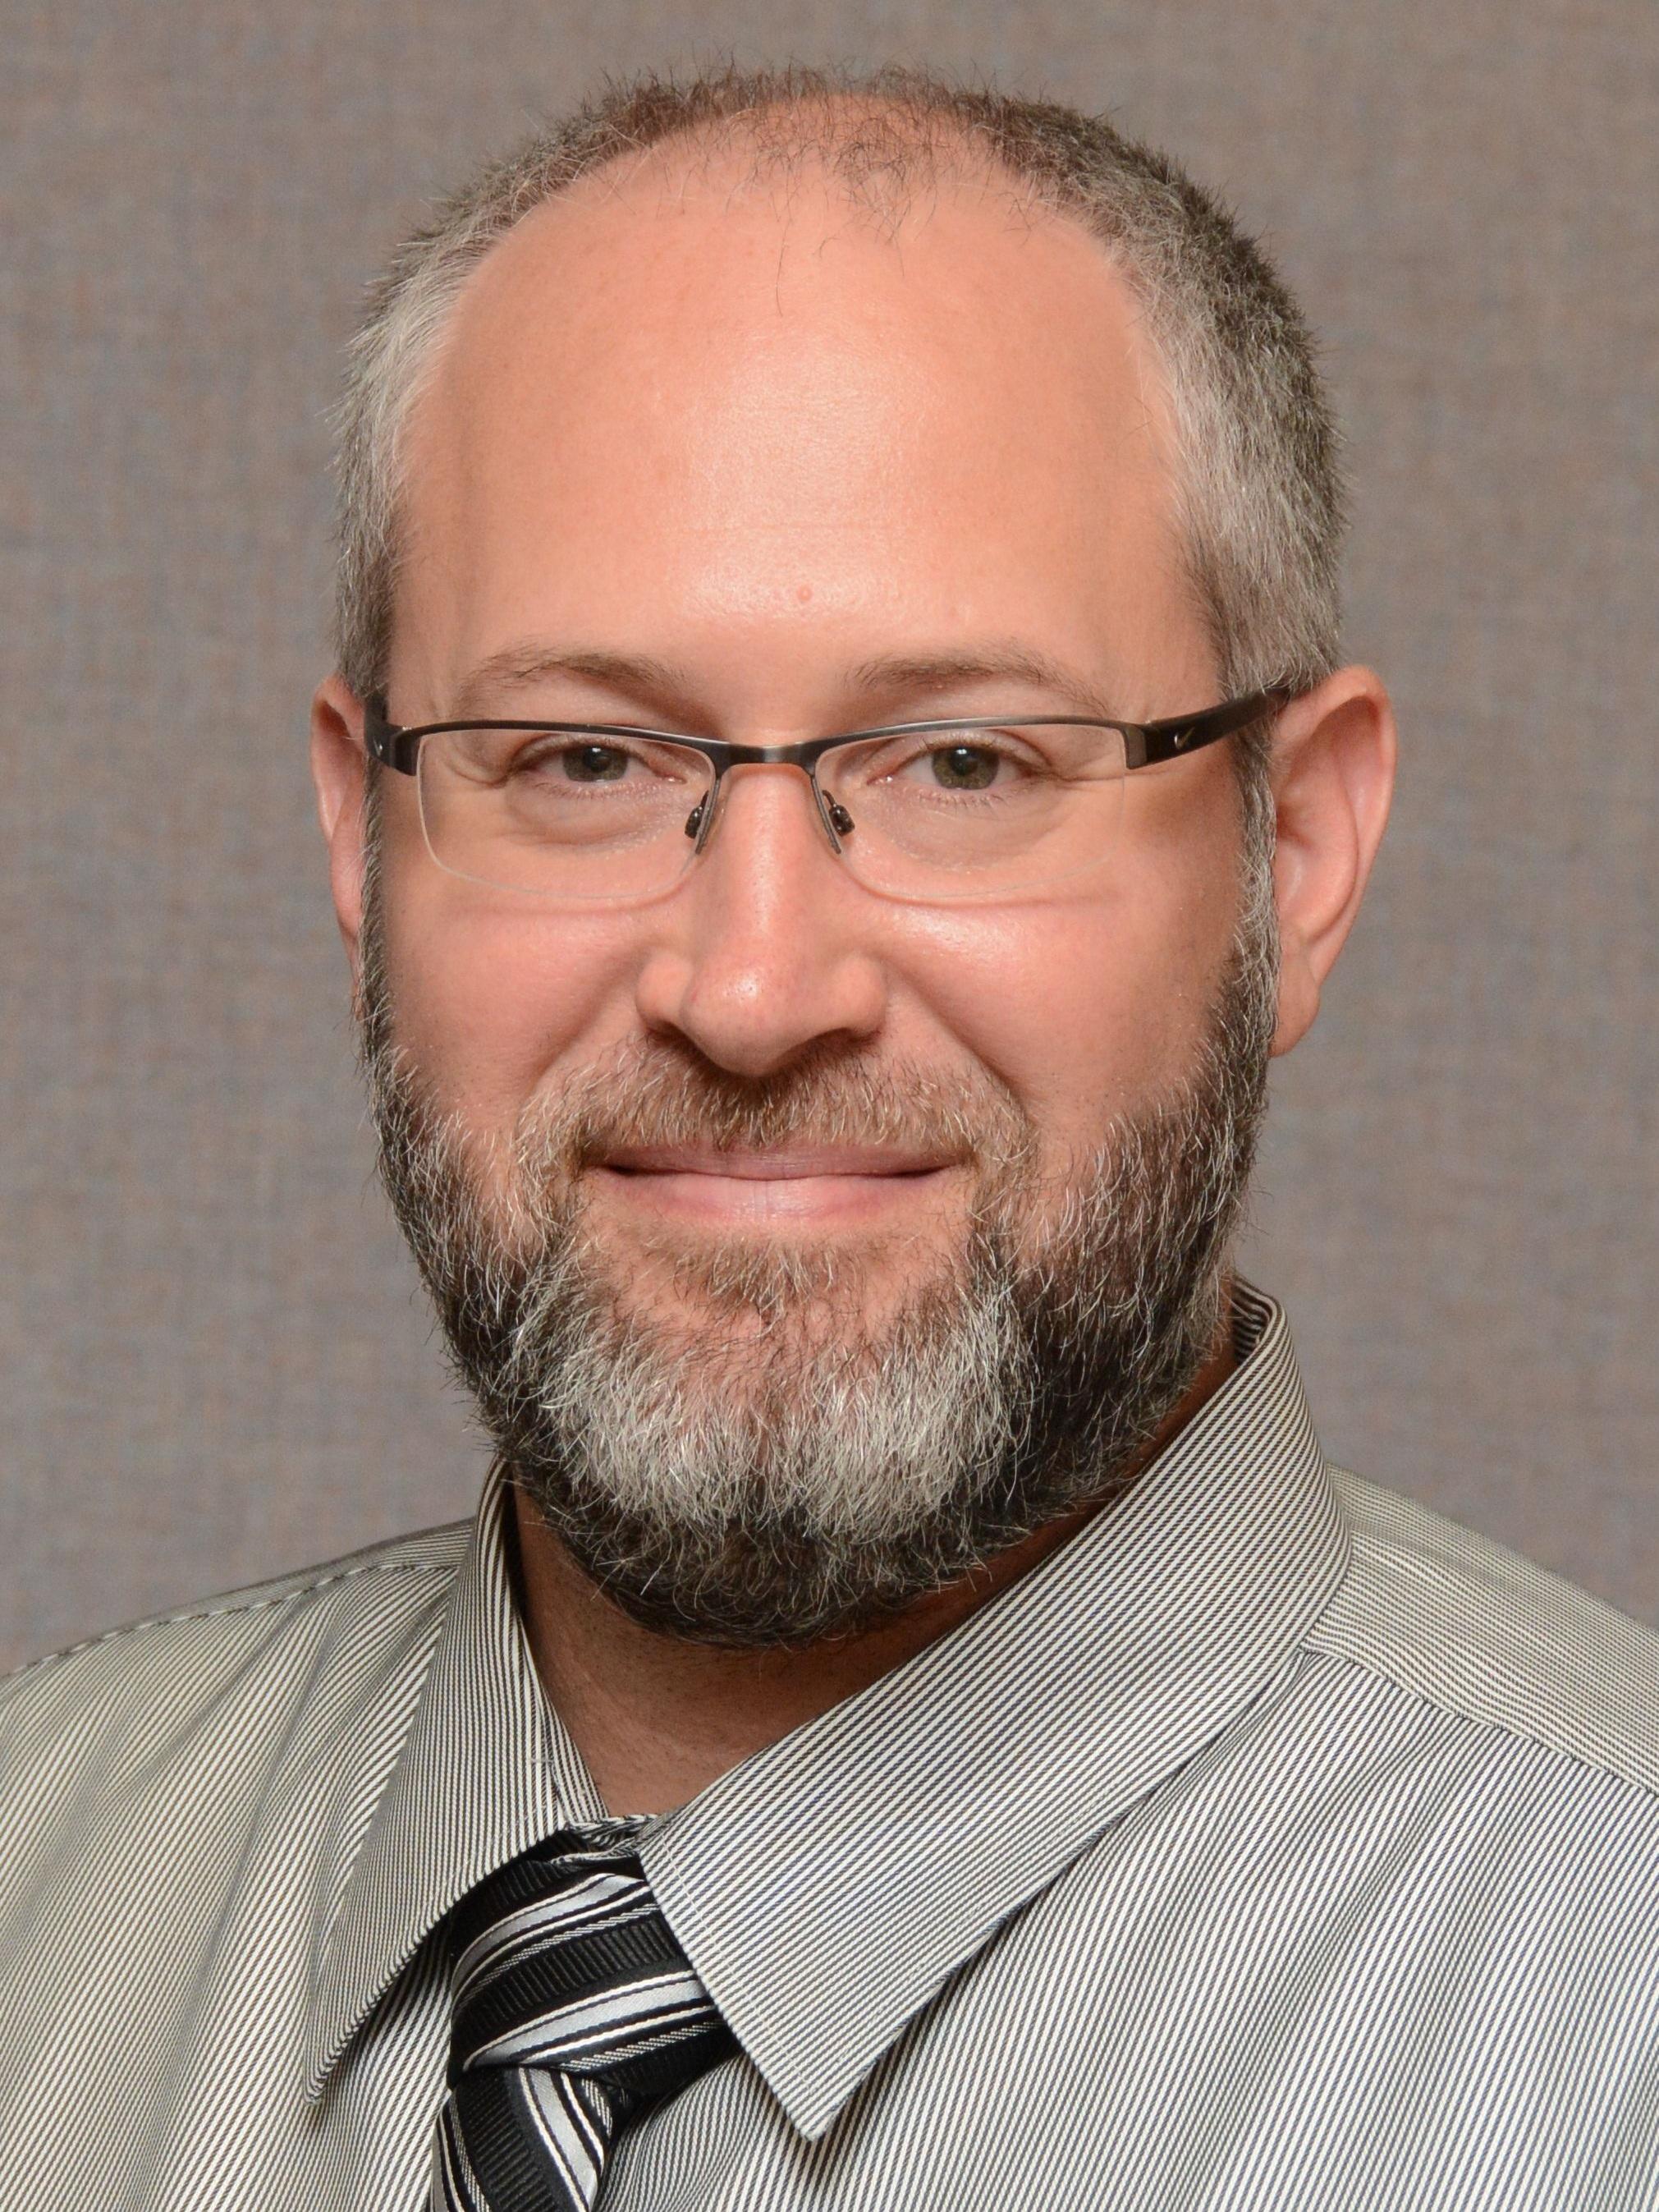 Zach Beasley   Tippecanoe County Surveyor, MS4 Coordinator   surveyor@tippecanoe.in.gov